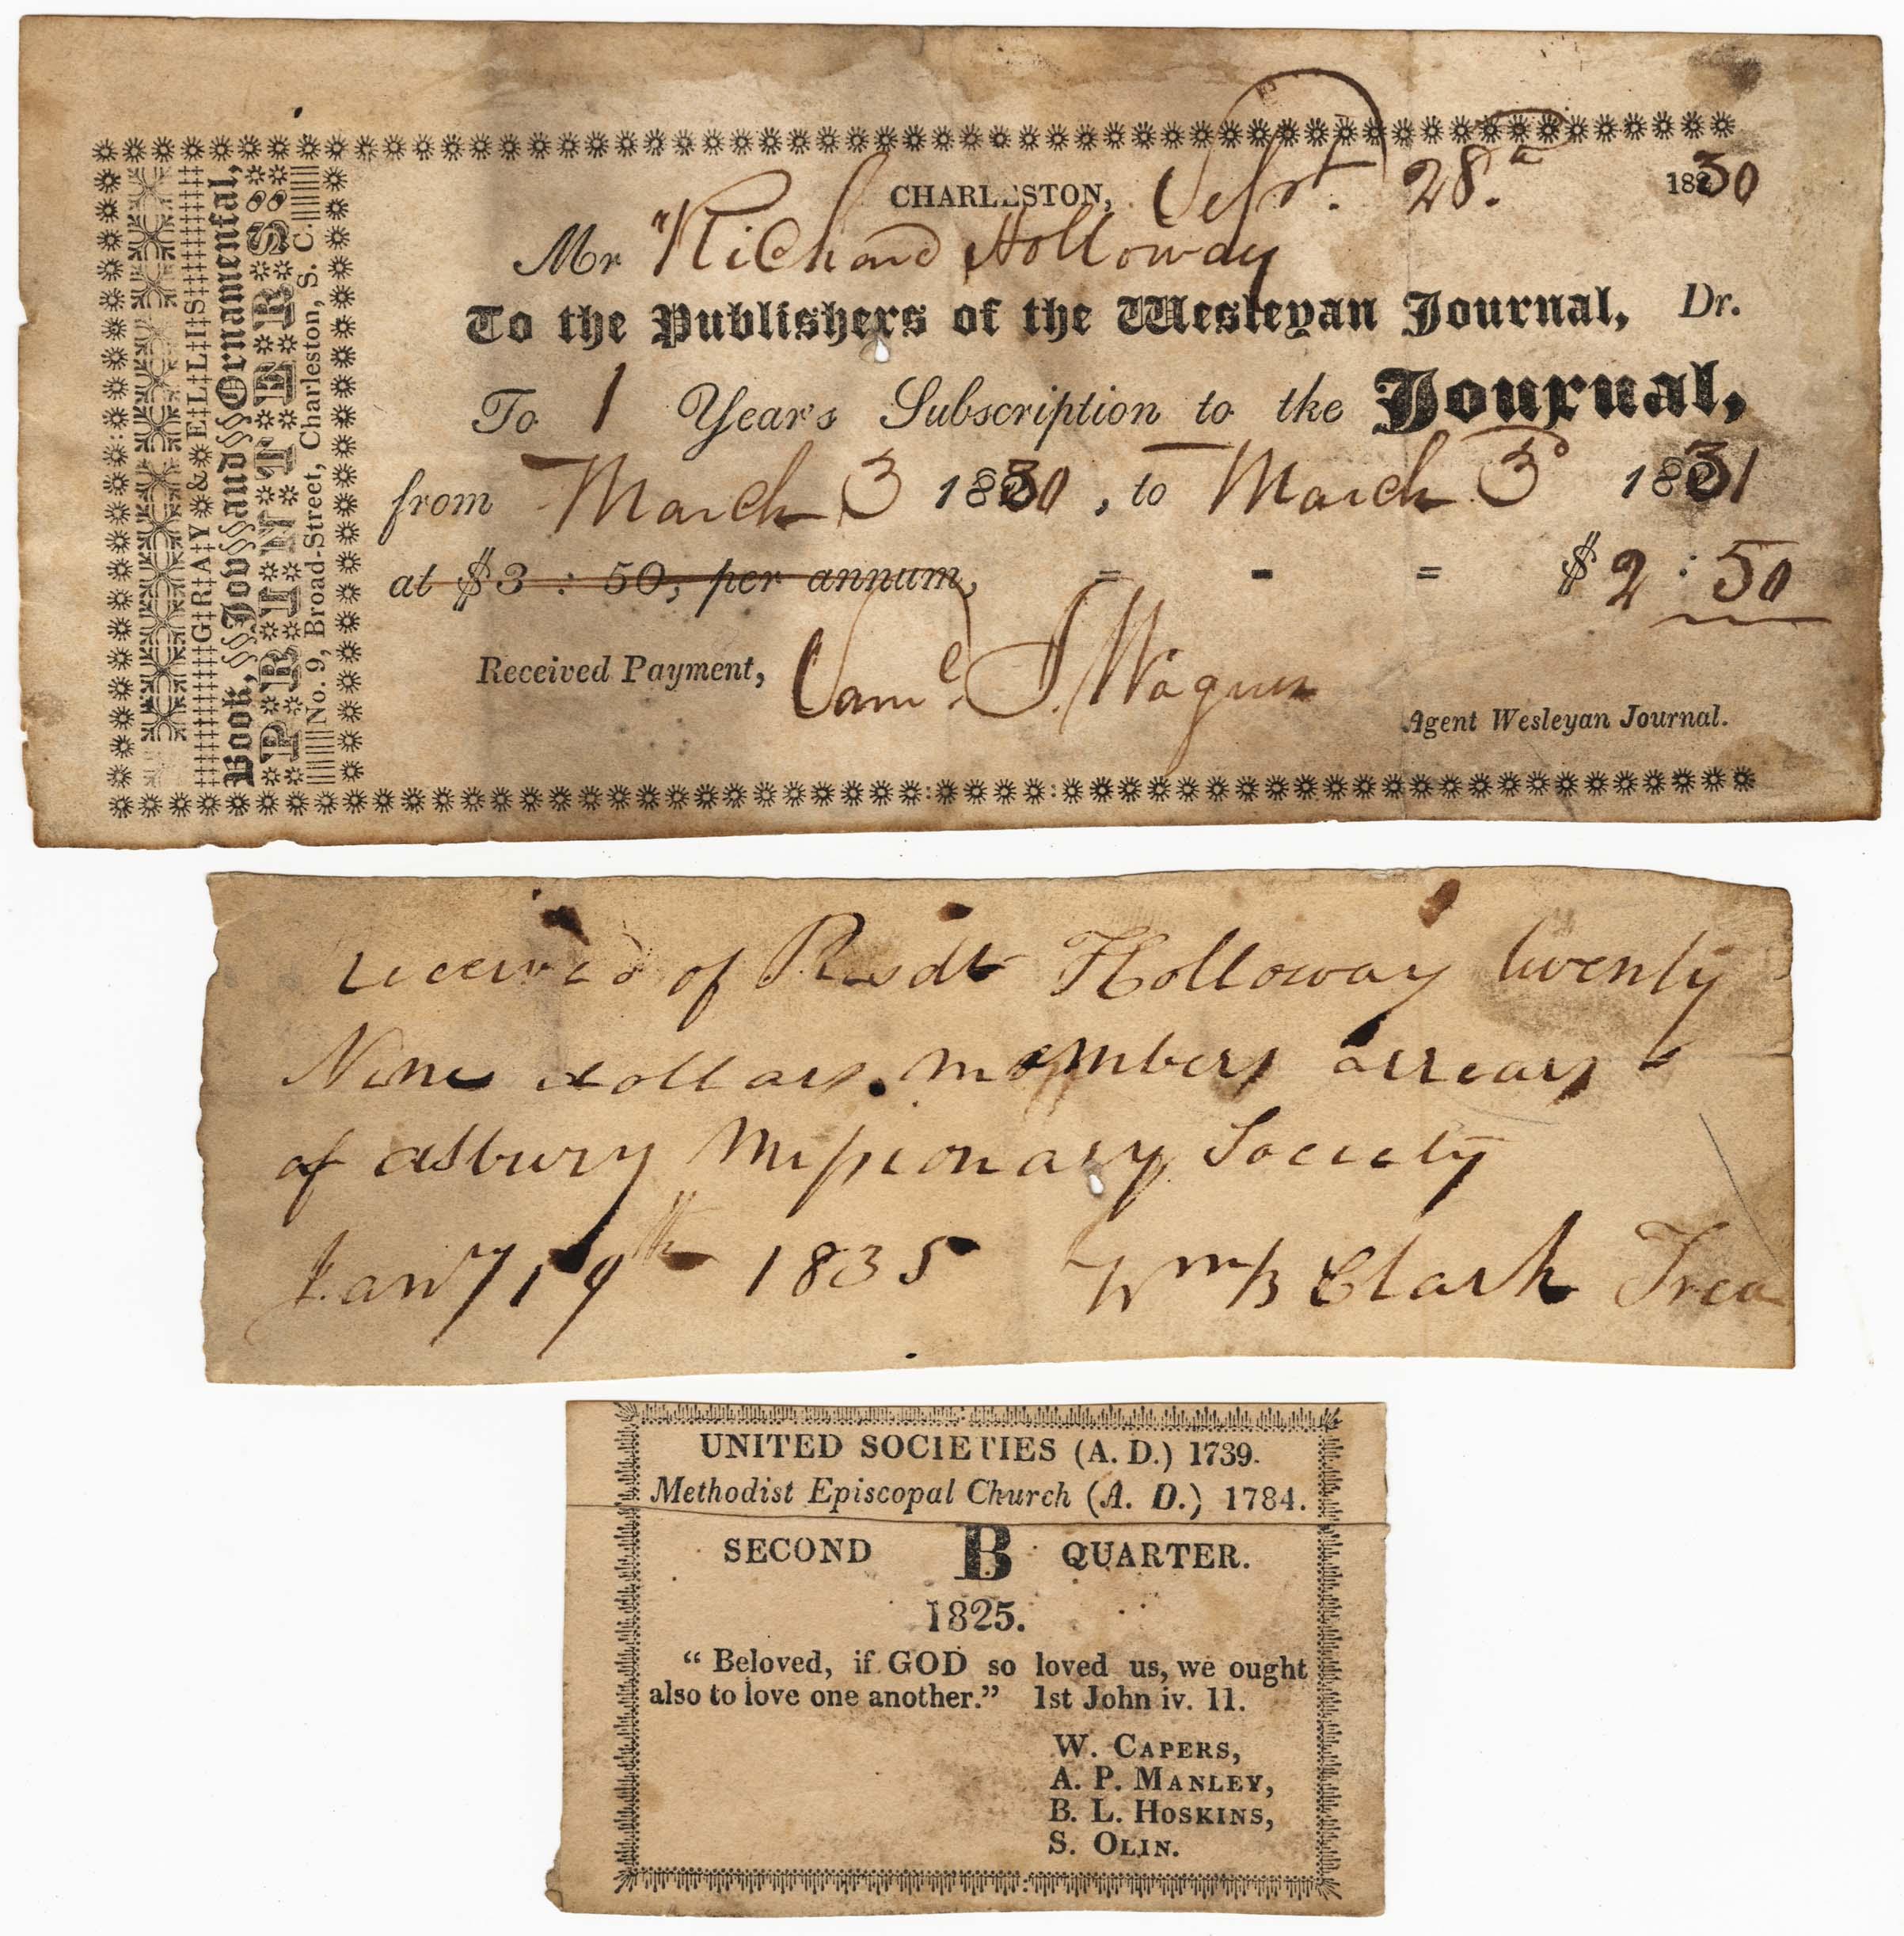 Miscellaneous receipts